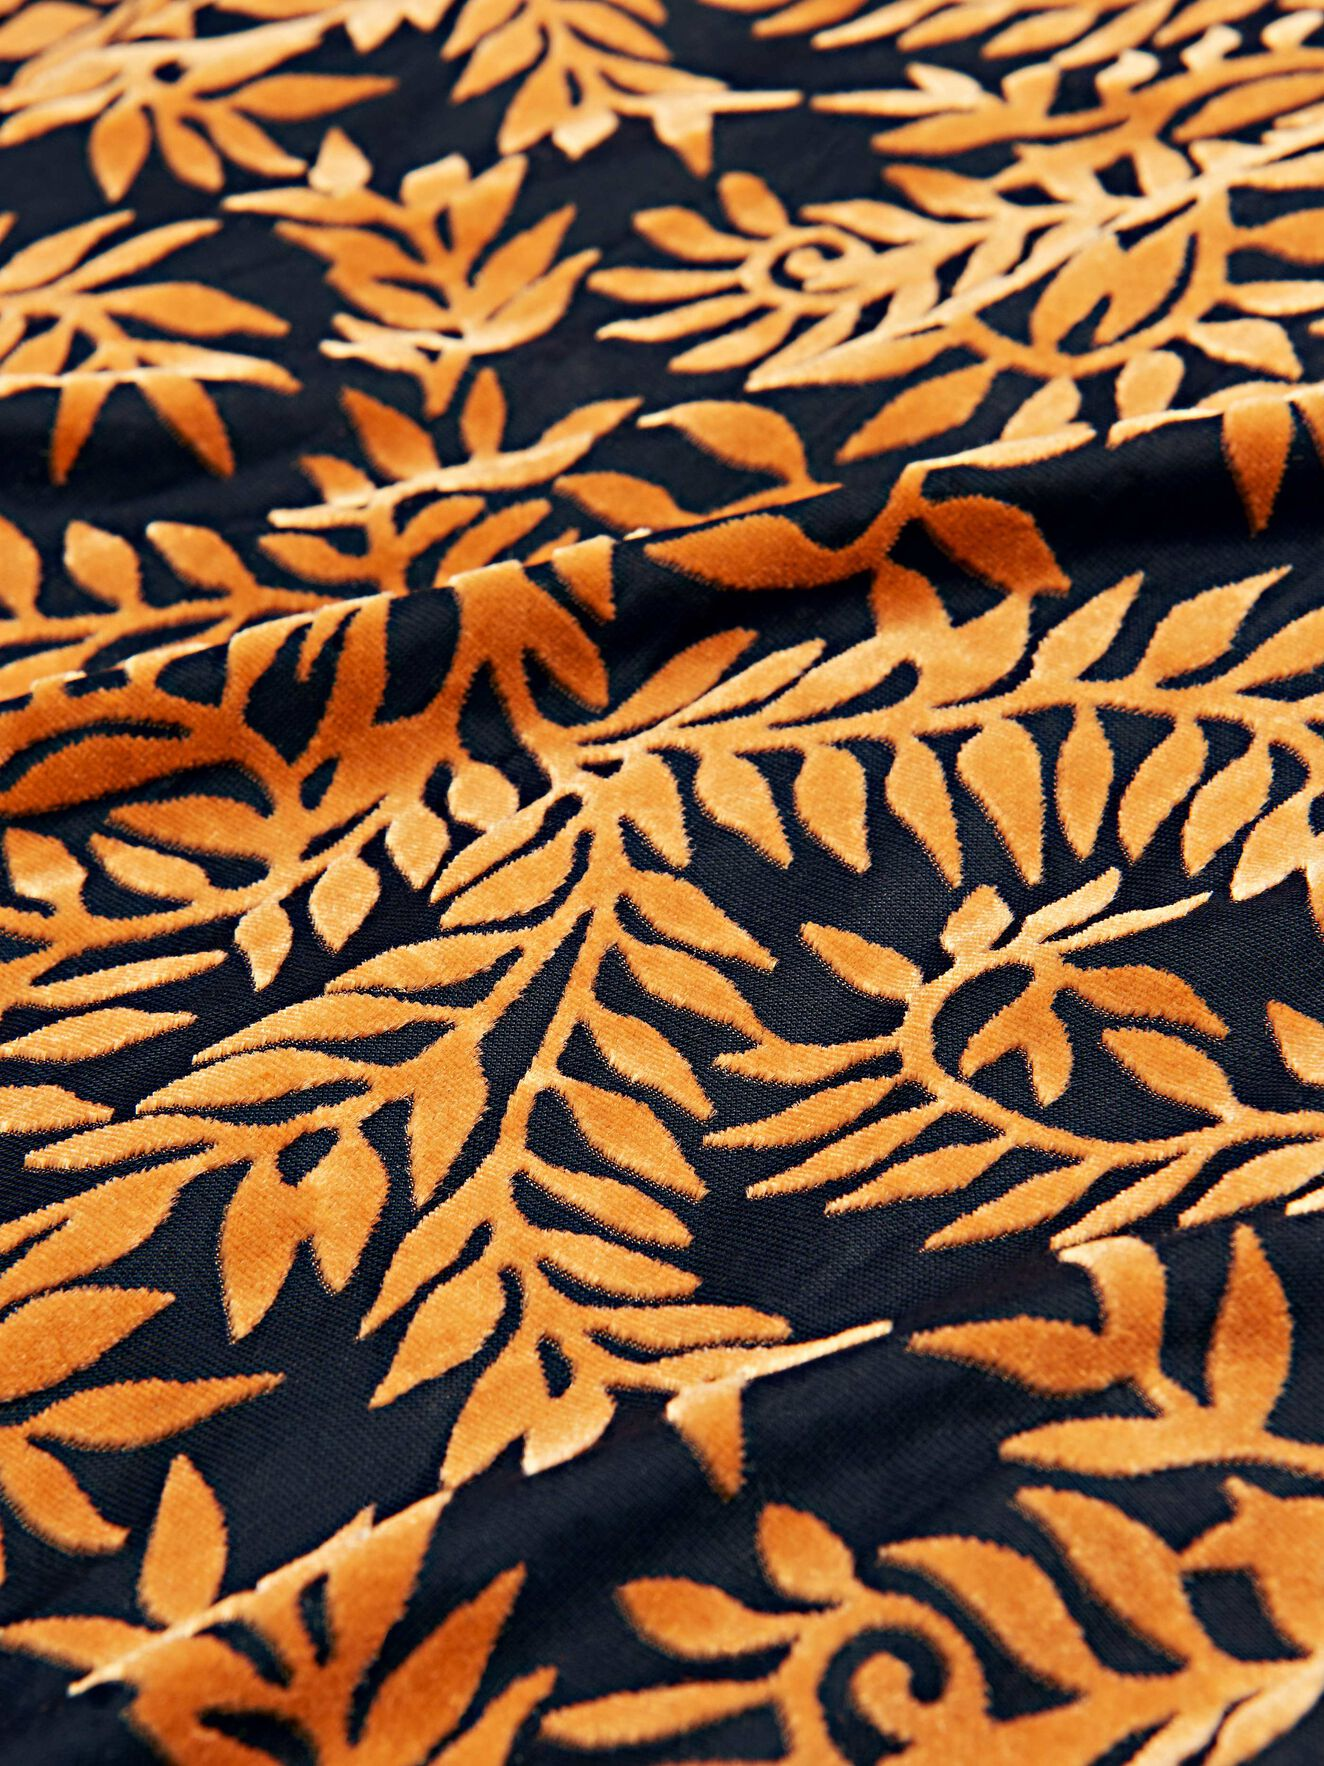 Pennylane Dress in ARTWORK from Tiger of Sweden